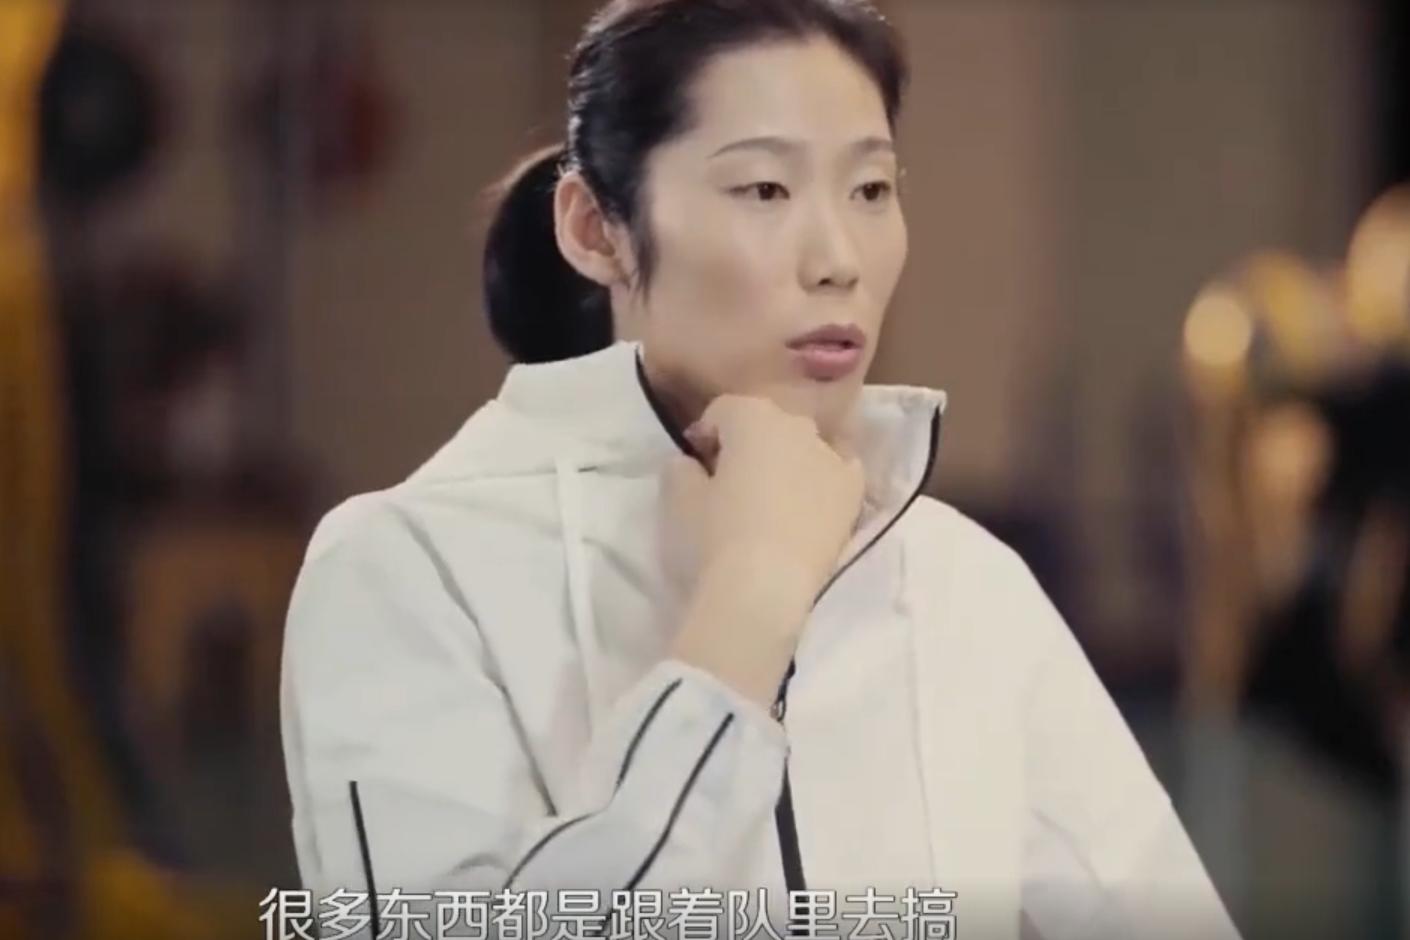 邓亚萍问朱婷奥运后香港富豪奖励奖金 朱婷:当时是小孩听队里安排